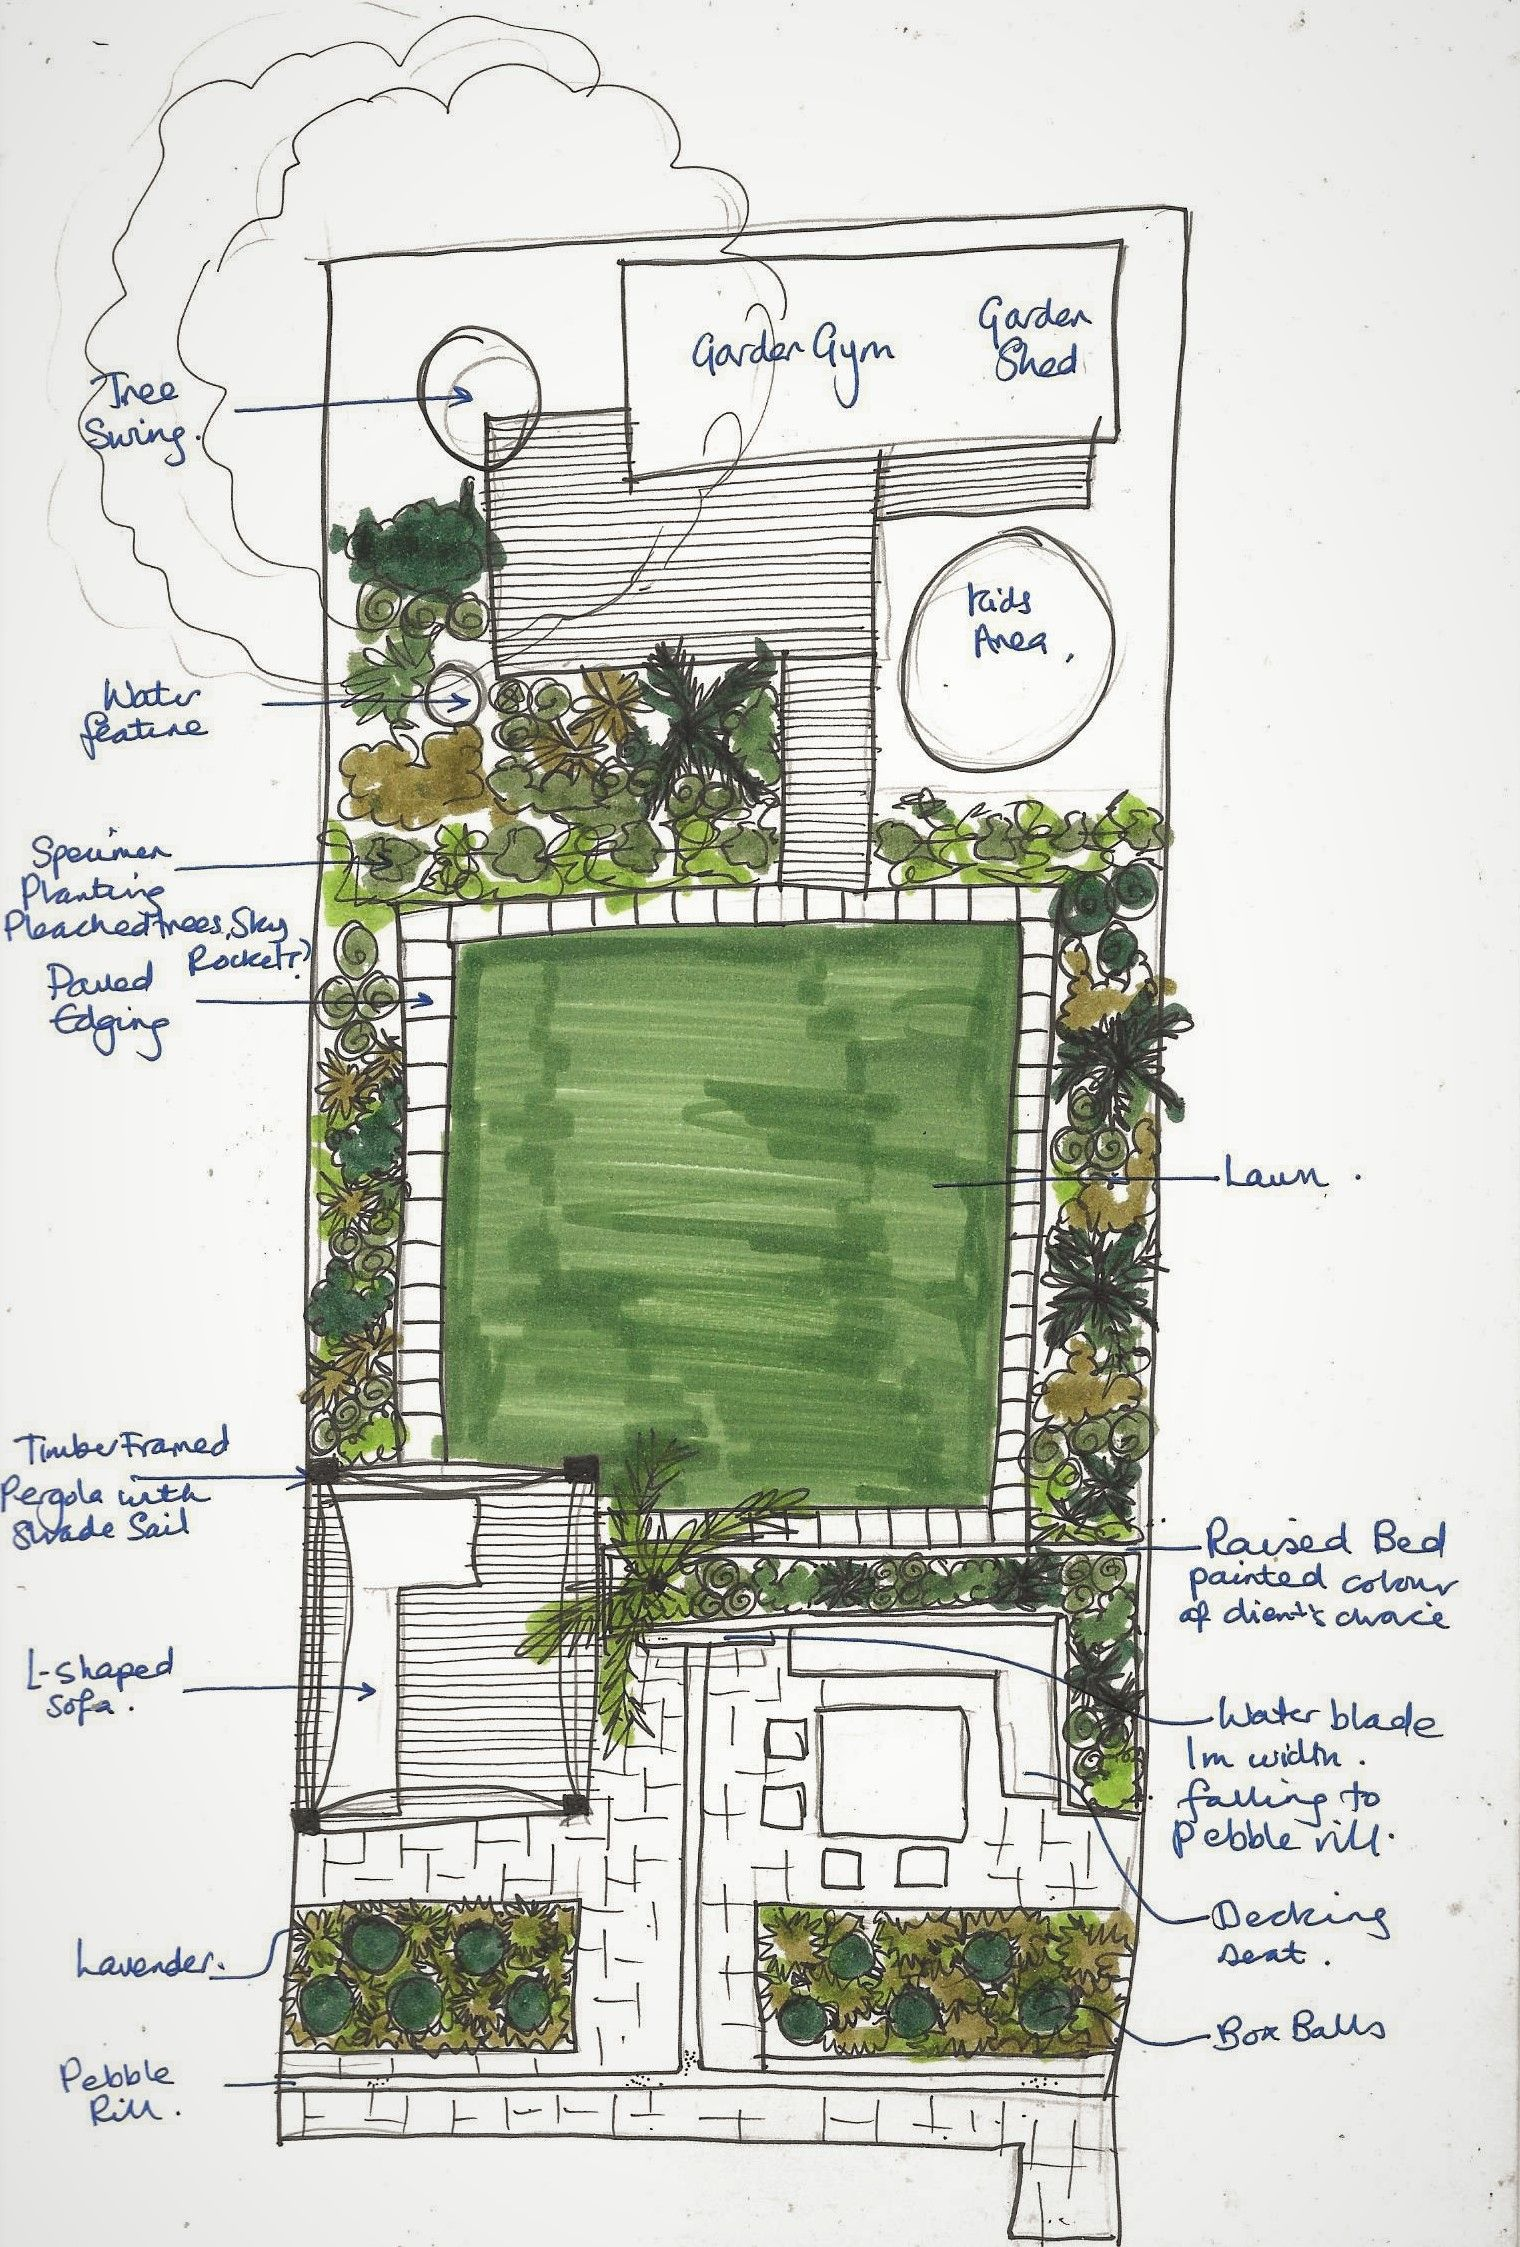 Garden Design And Build Services In Essex Garden Design Layout Garden Design Plans Garden Planning